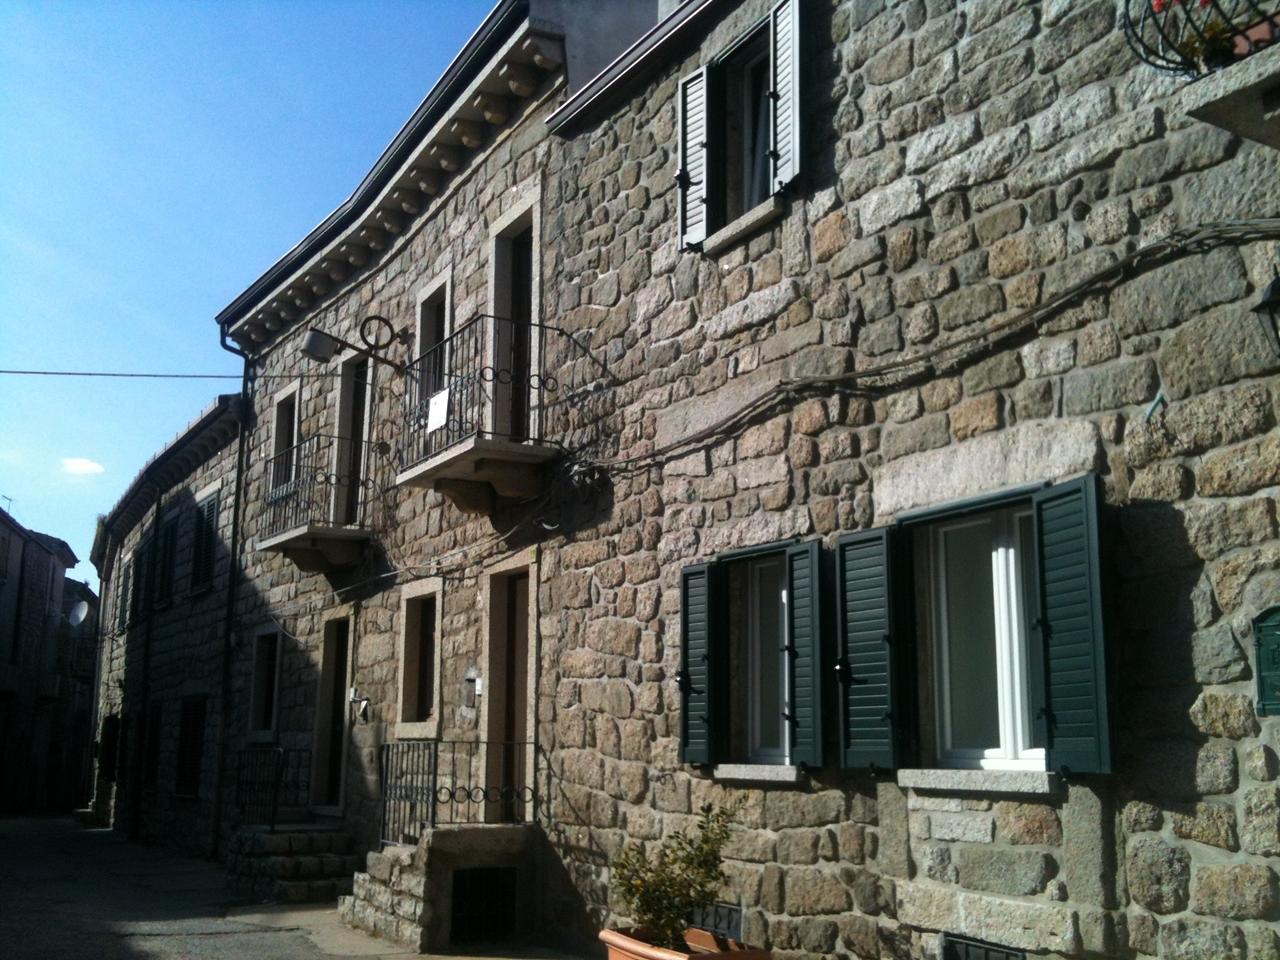 Soluzione Indipendente in vendita a Tempio Pausania, 3 locali, zona Località: Centrostorico, prezzo € 120.000 | CambioCasa.it